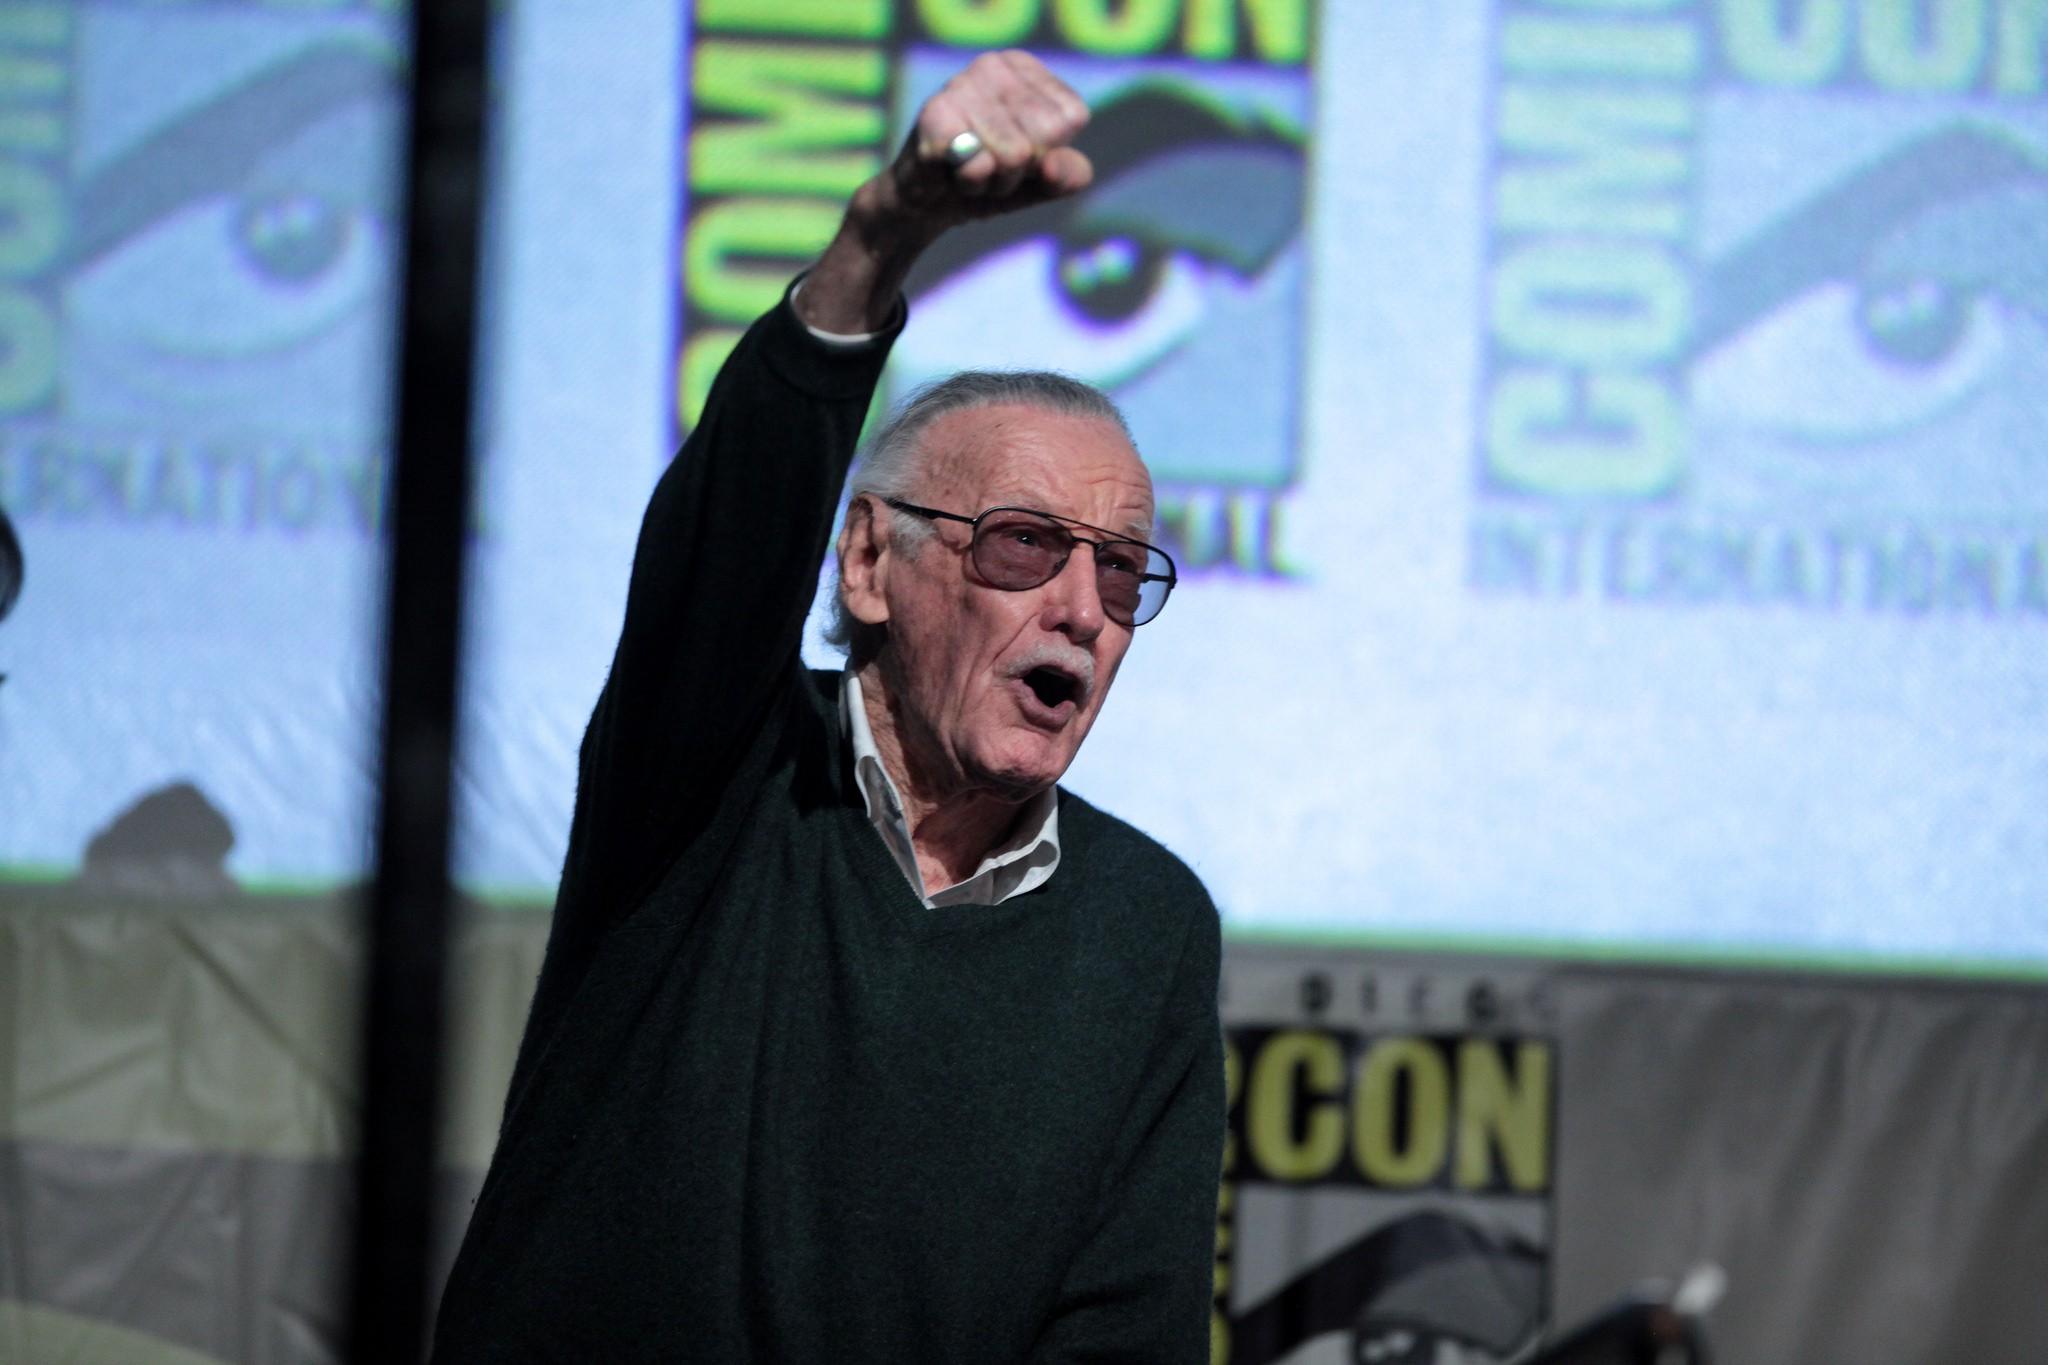 Stan Lee faleceu em 12 de novembro em Los Angeles, nos Estados Unidos (Foto: Flickr/Gage Skidmore)